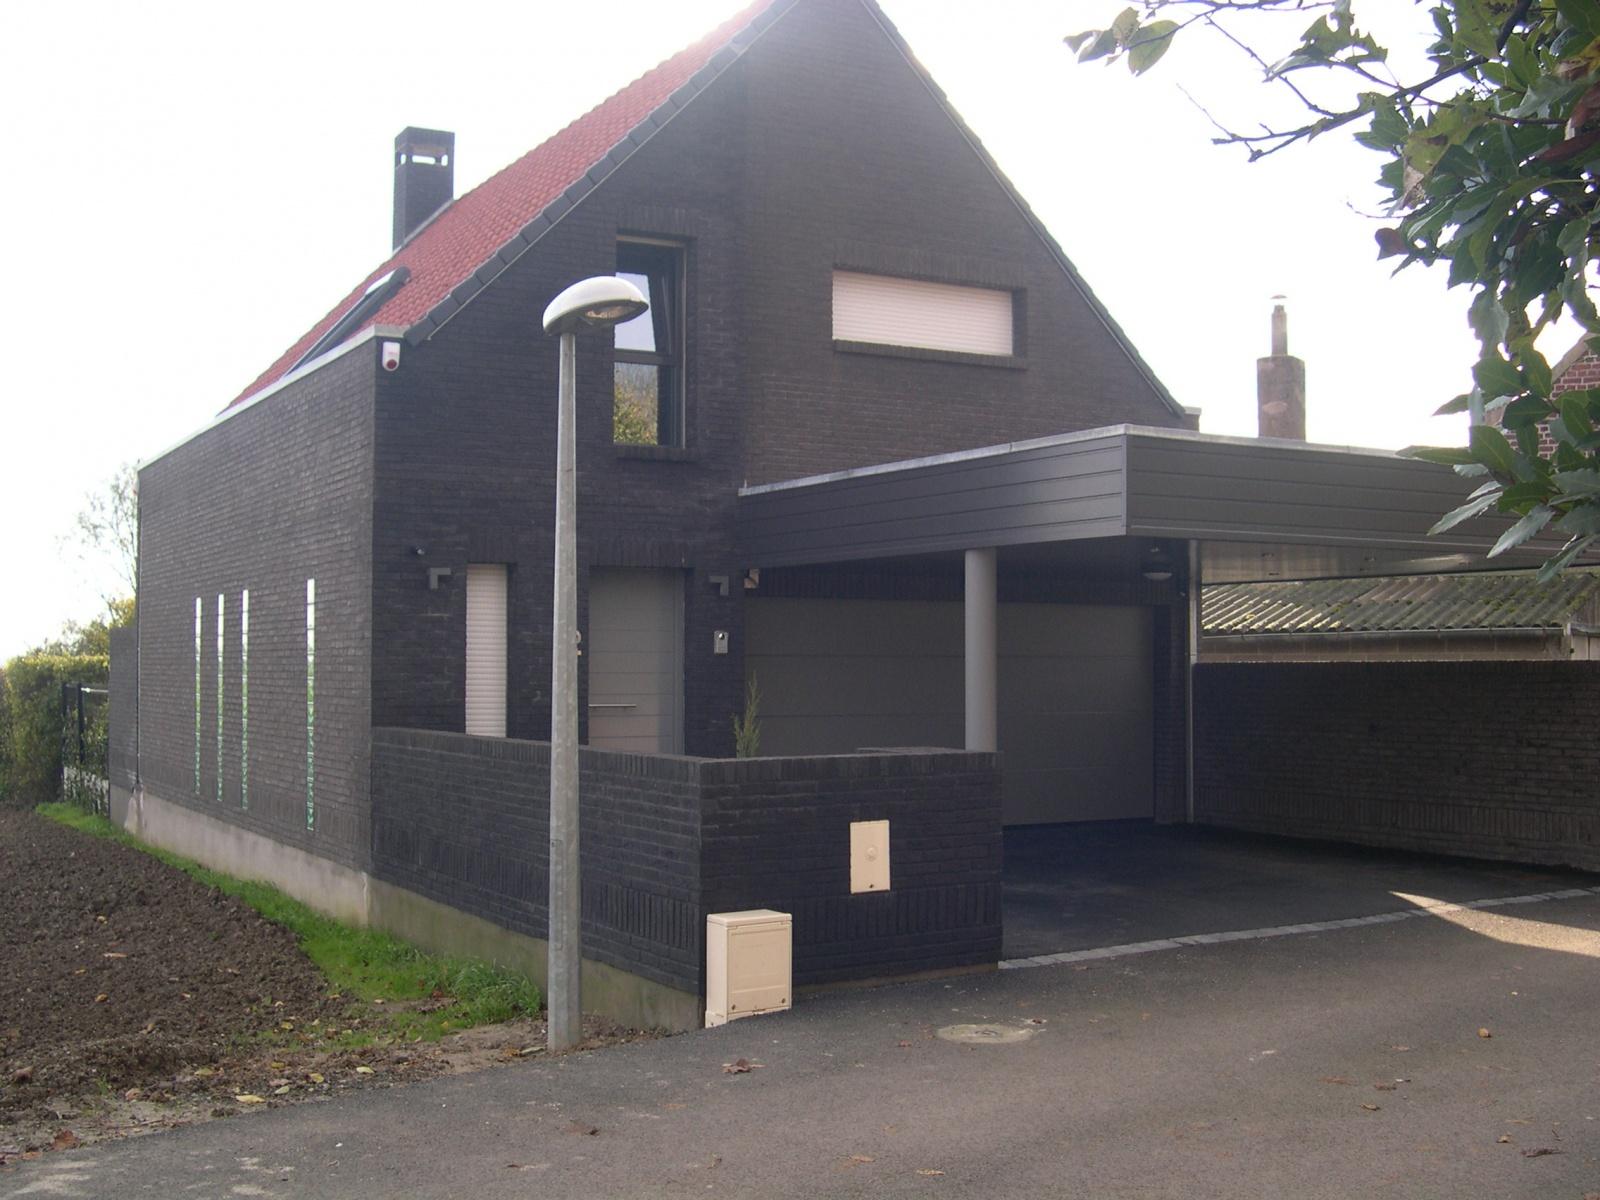 vente maison d 39 architecte hazebrouck 59190 5 pi ce s 90 m2. Black Bedroom Furniture Sets. Home Design Ideas